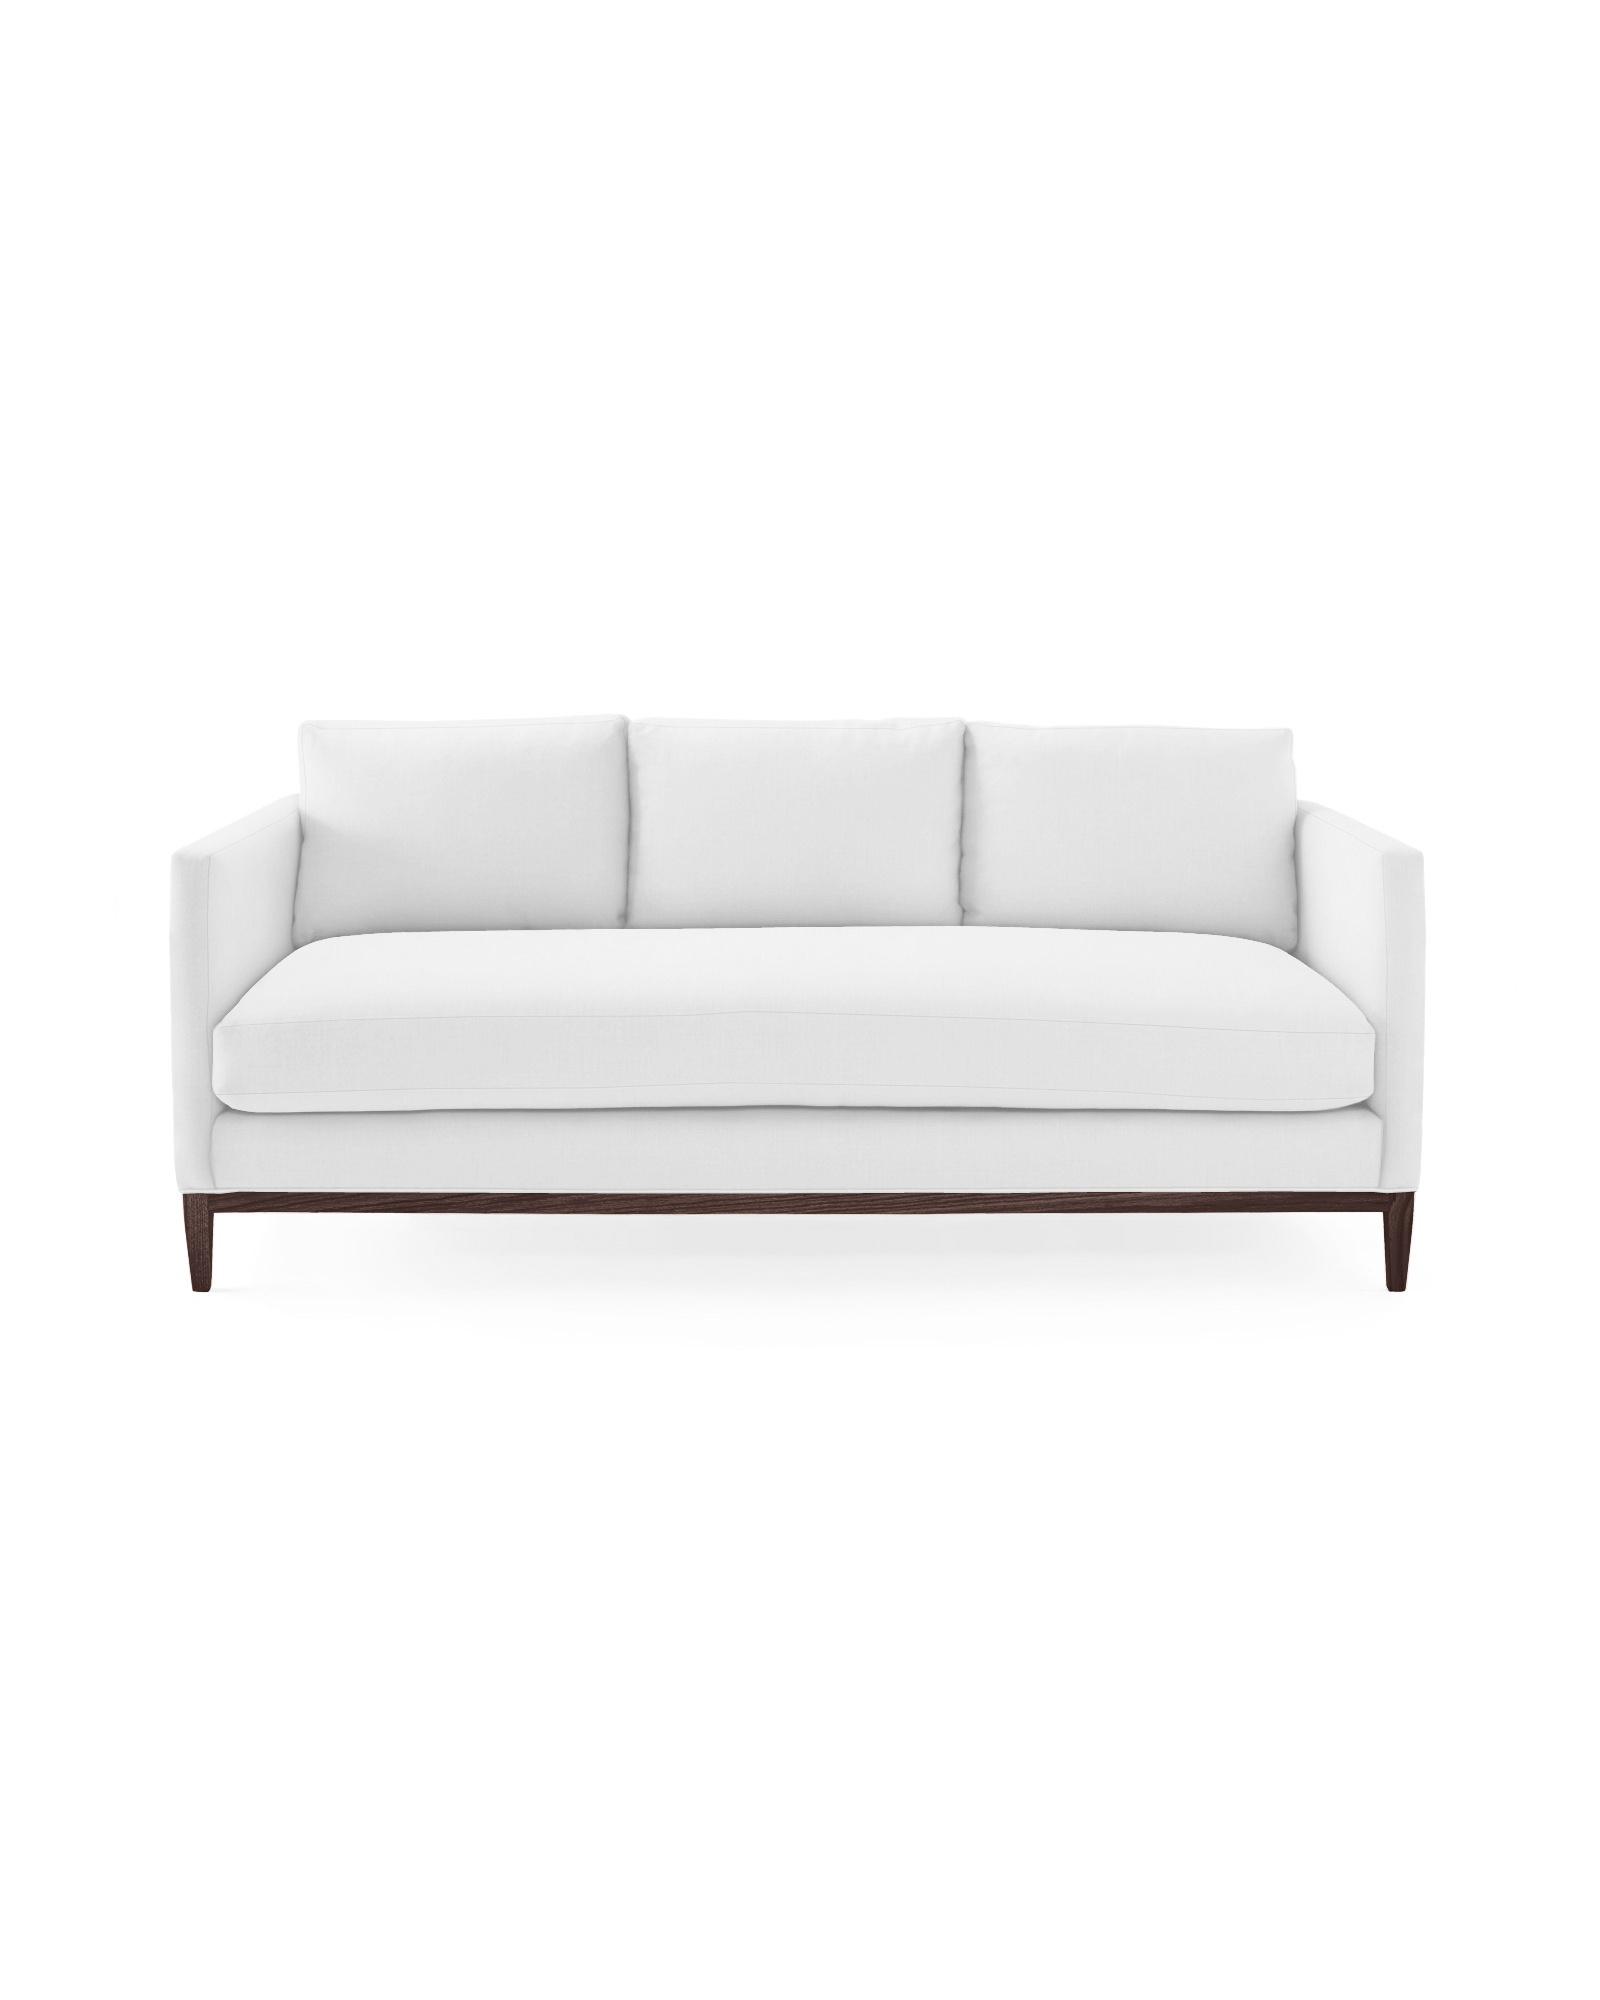 White Barton Sofa from Serena & Lily. #whitesofas #coastalstyle #classicstyle